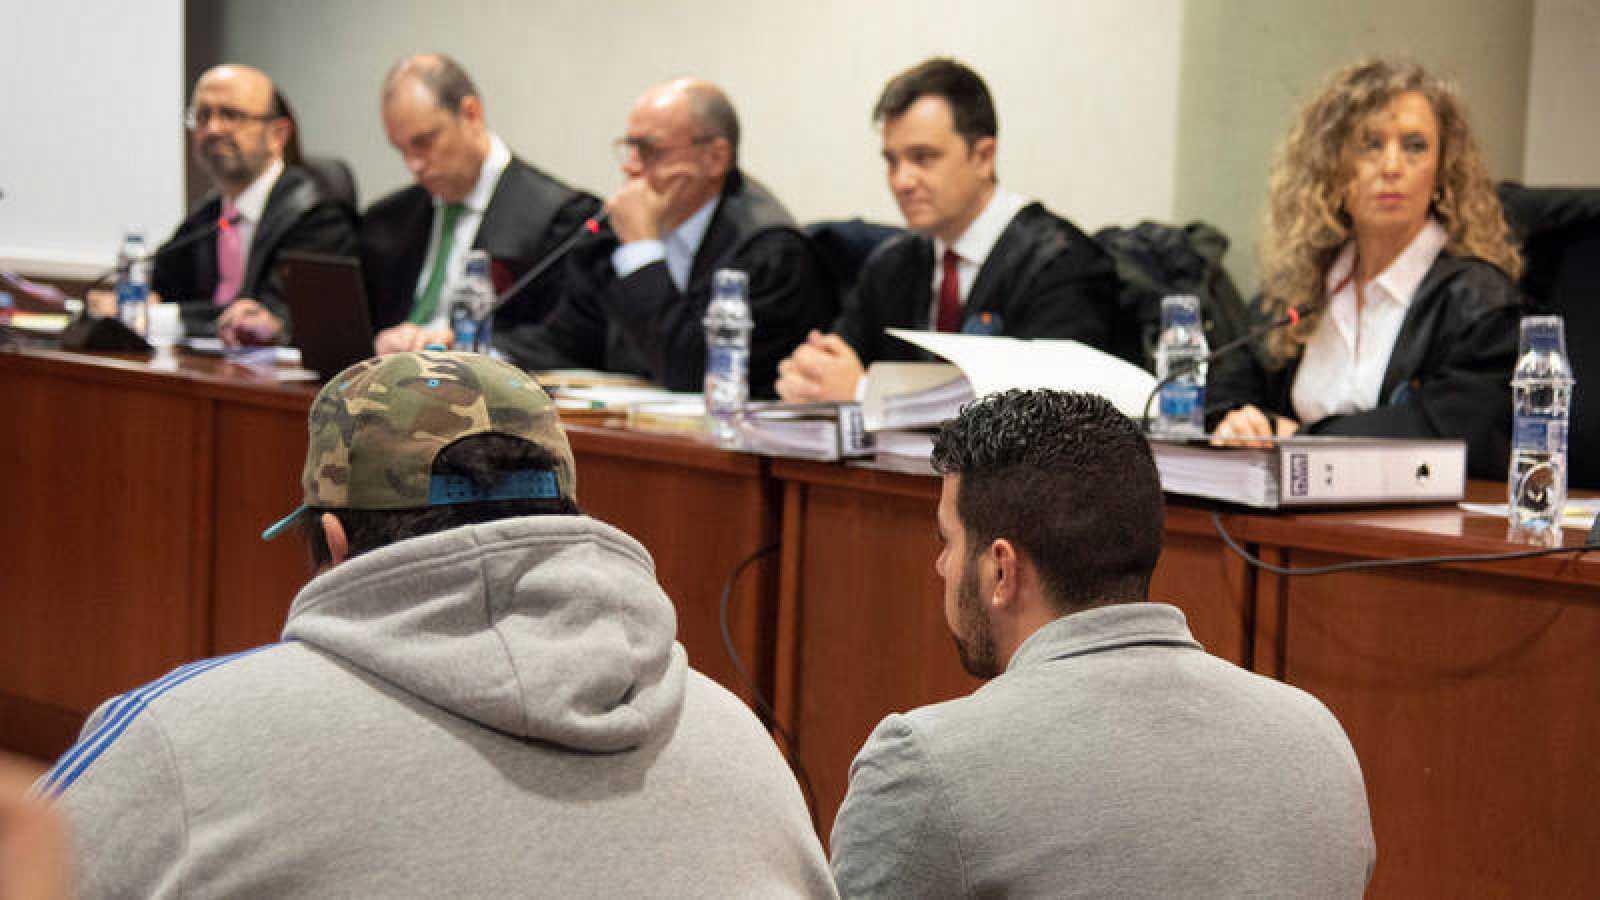 El acusado, Ismael Rodríguez (d) durante el juicio por el doble asesinato de dos agentes rurales en Lleida.